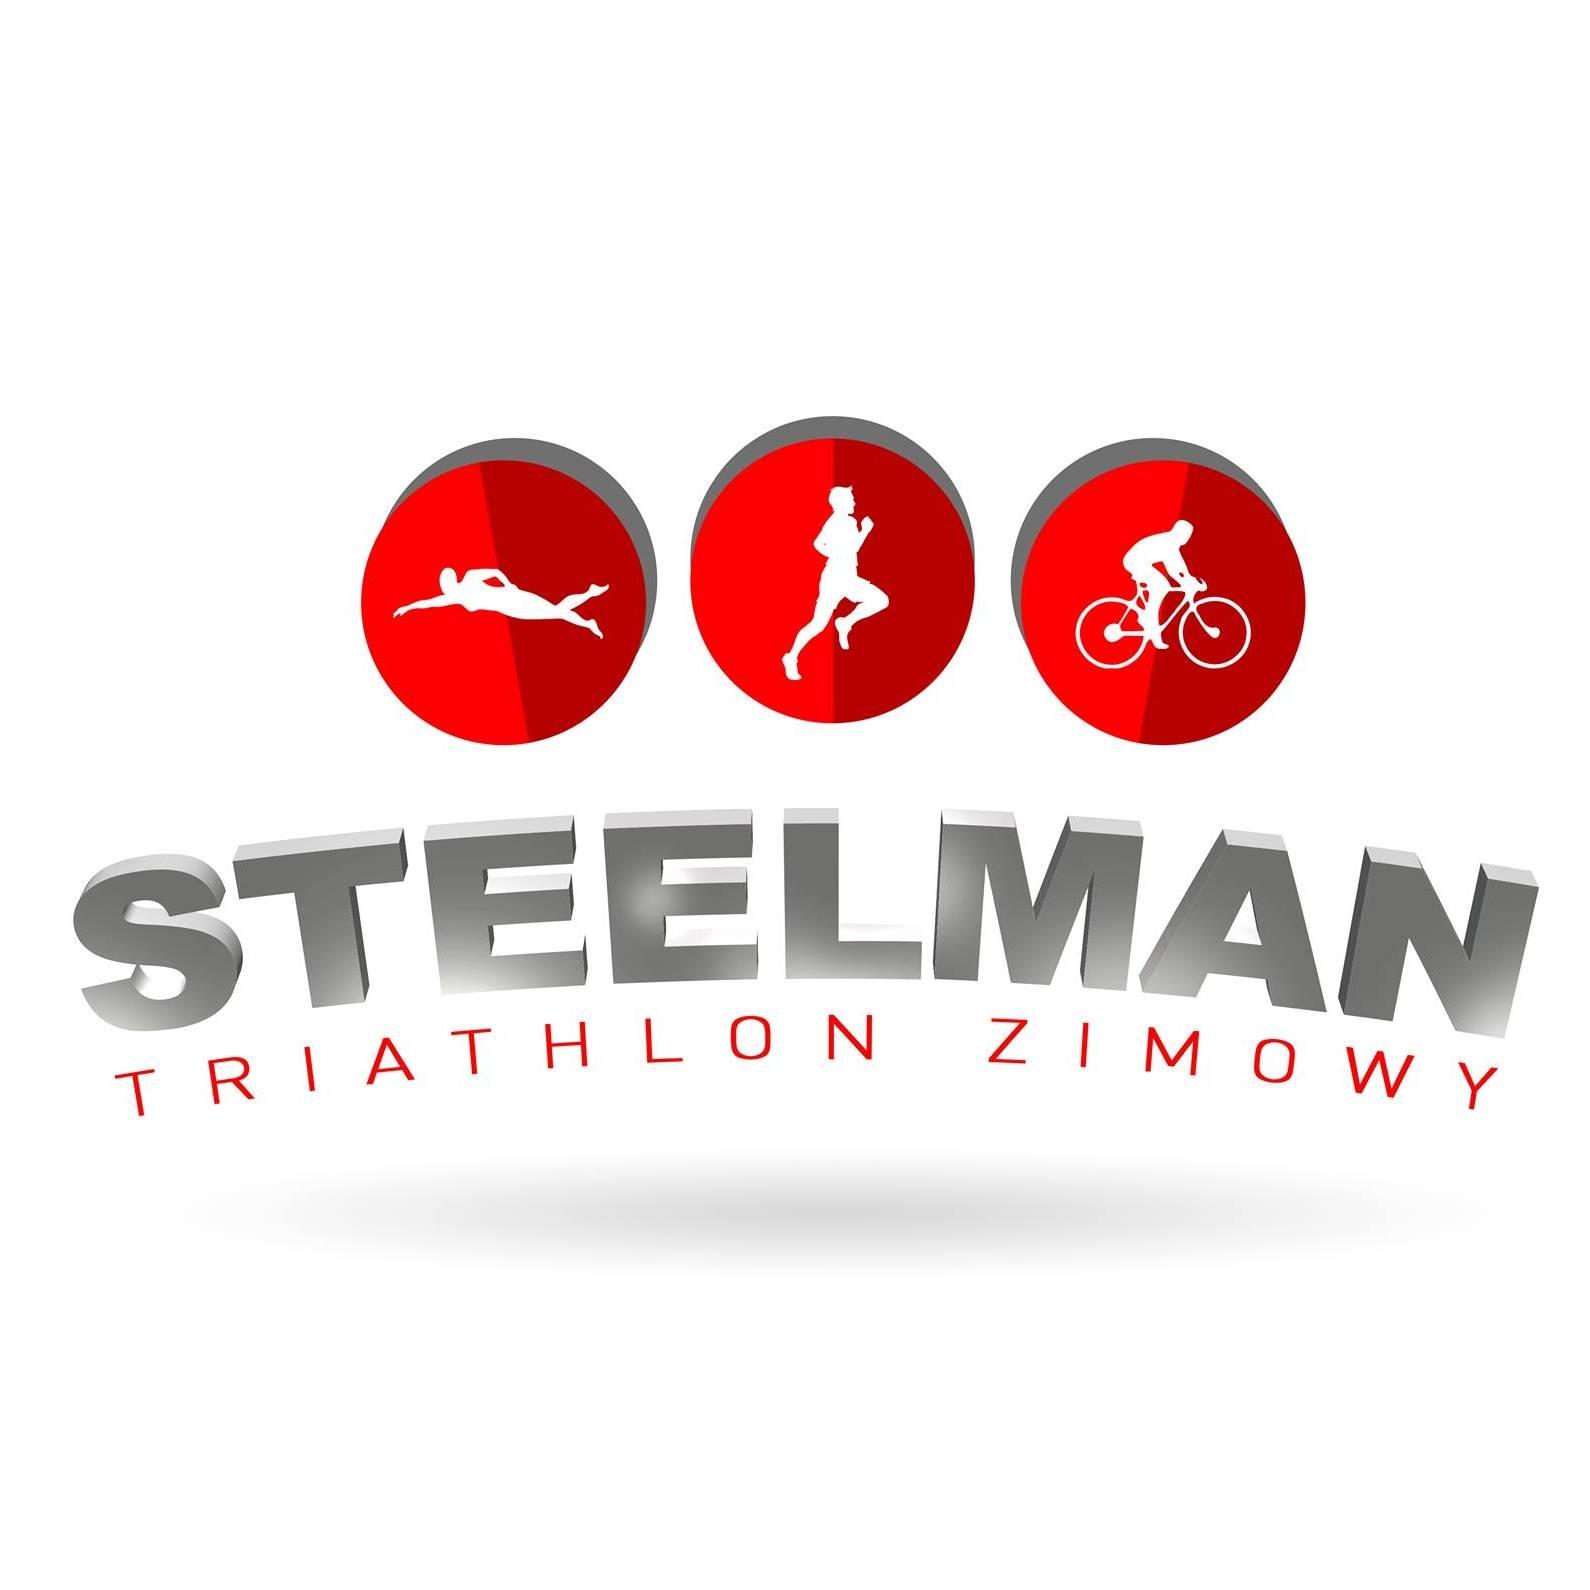 Logo Zawodów Triathlon Steelman Poznań 2019